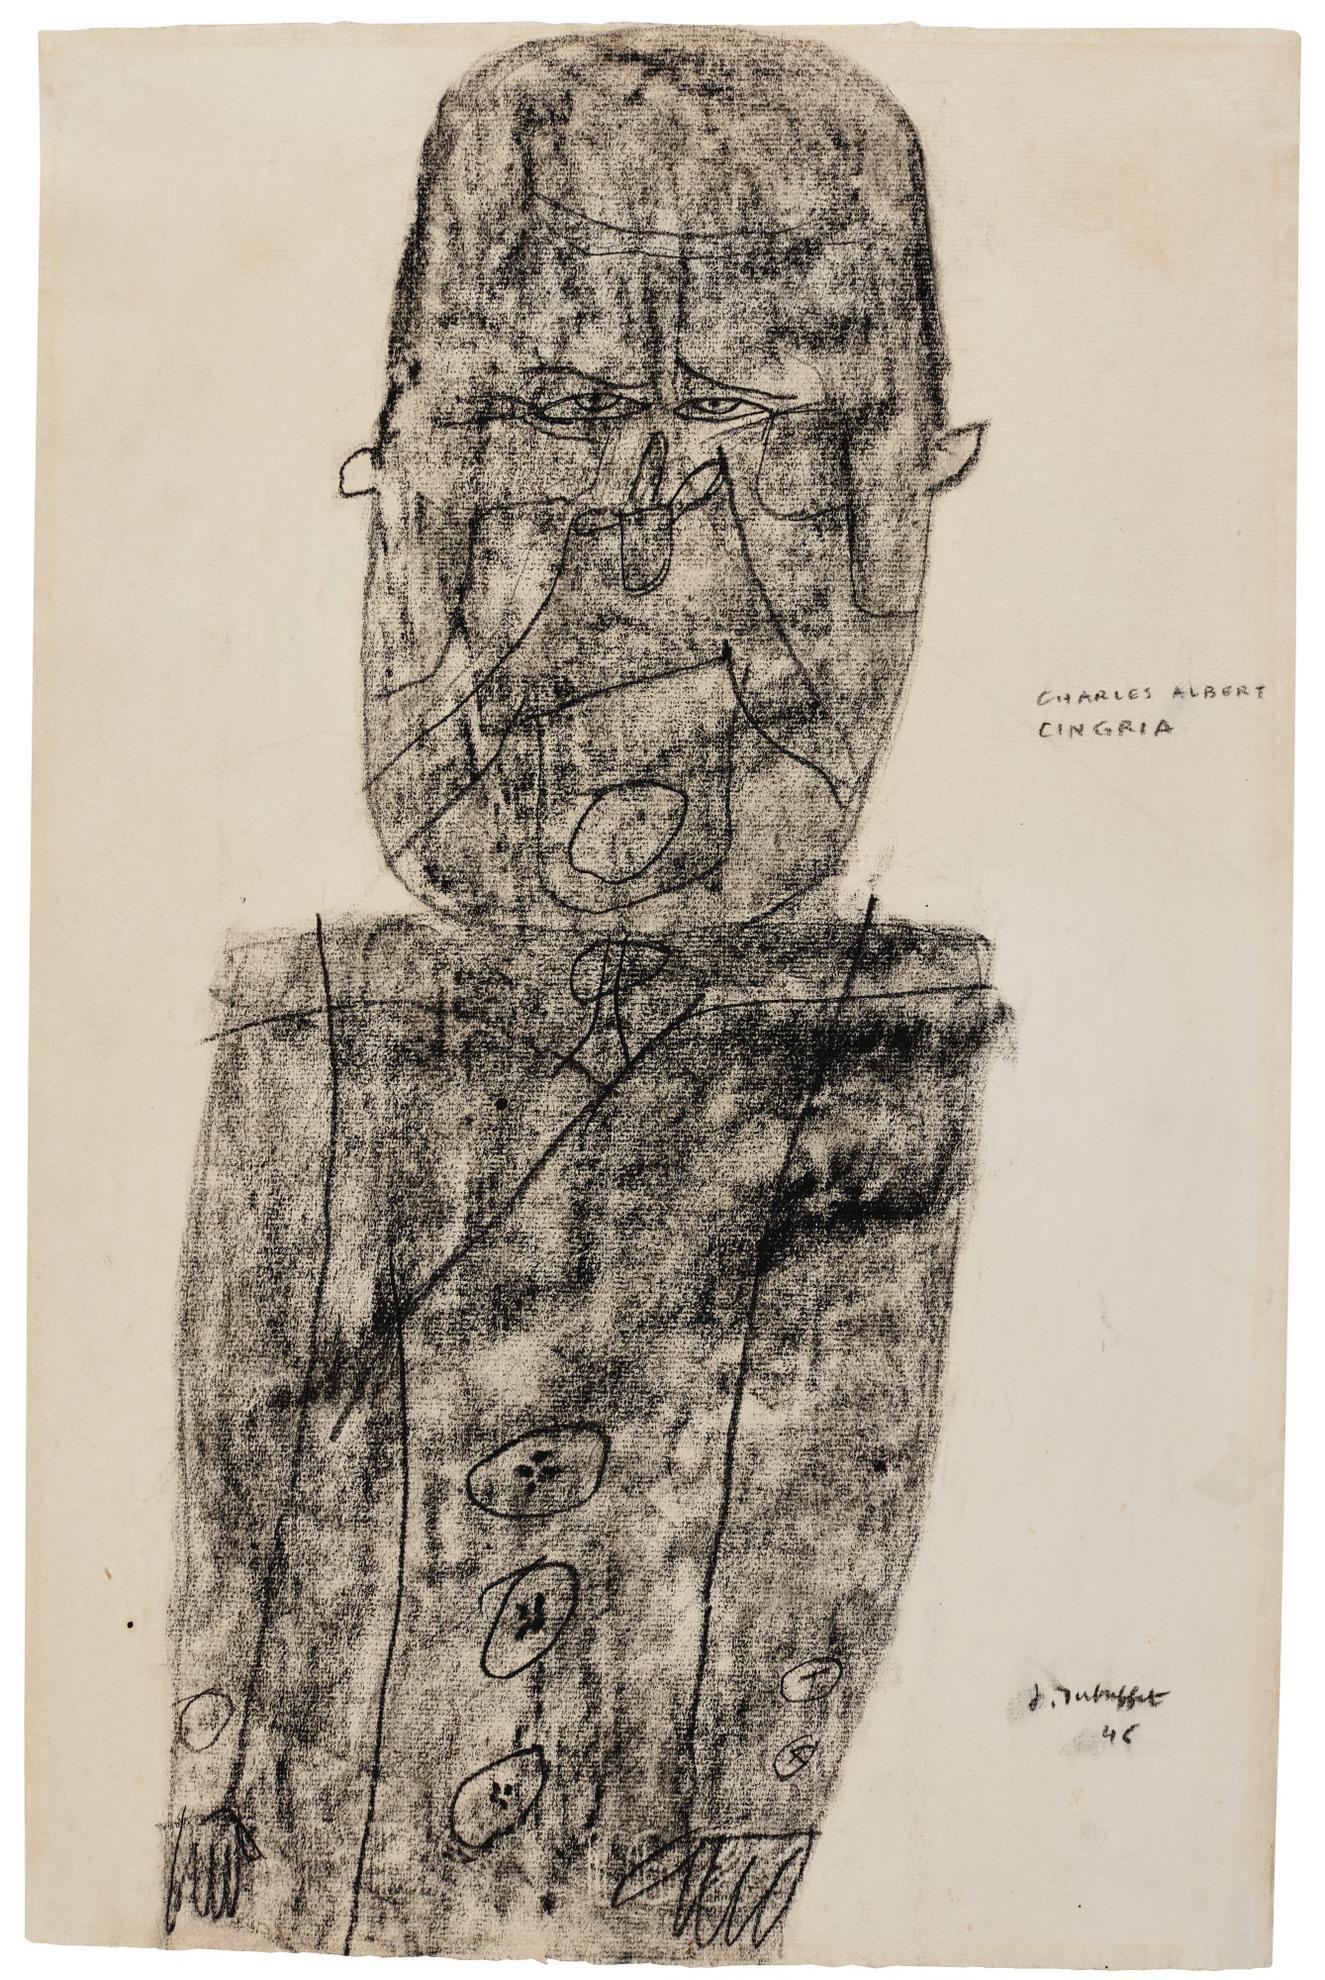 Jean Dubuffet-Charles-Albert Cingria-1946